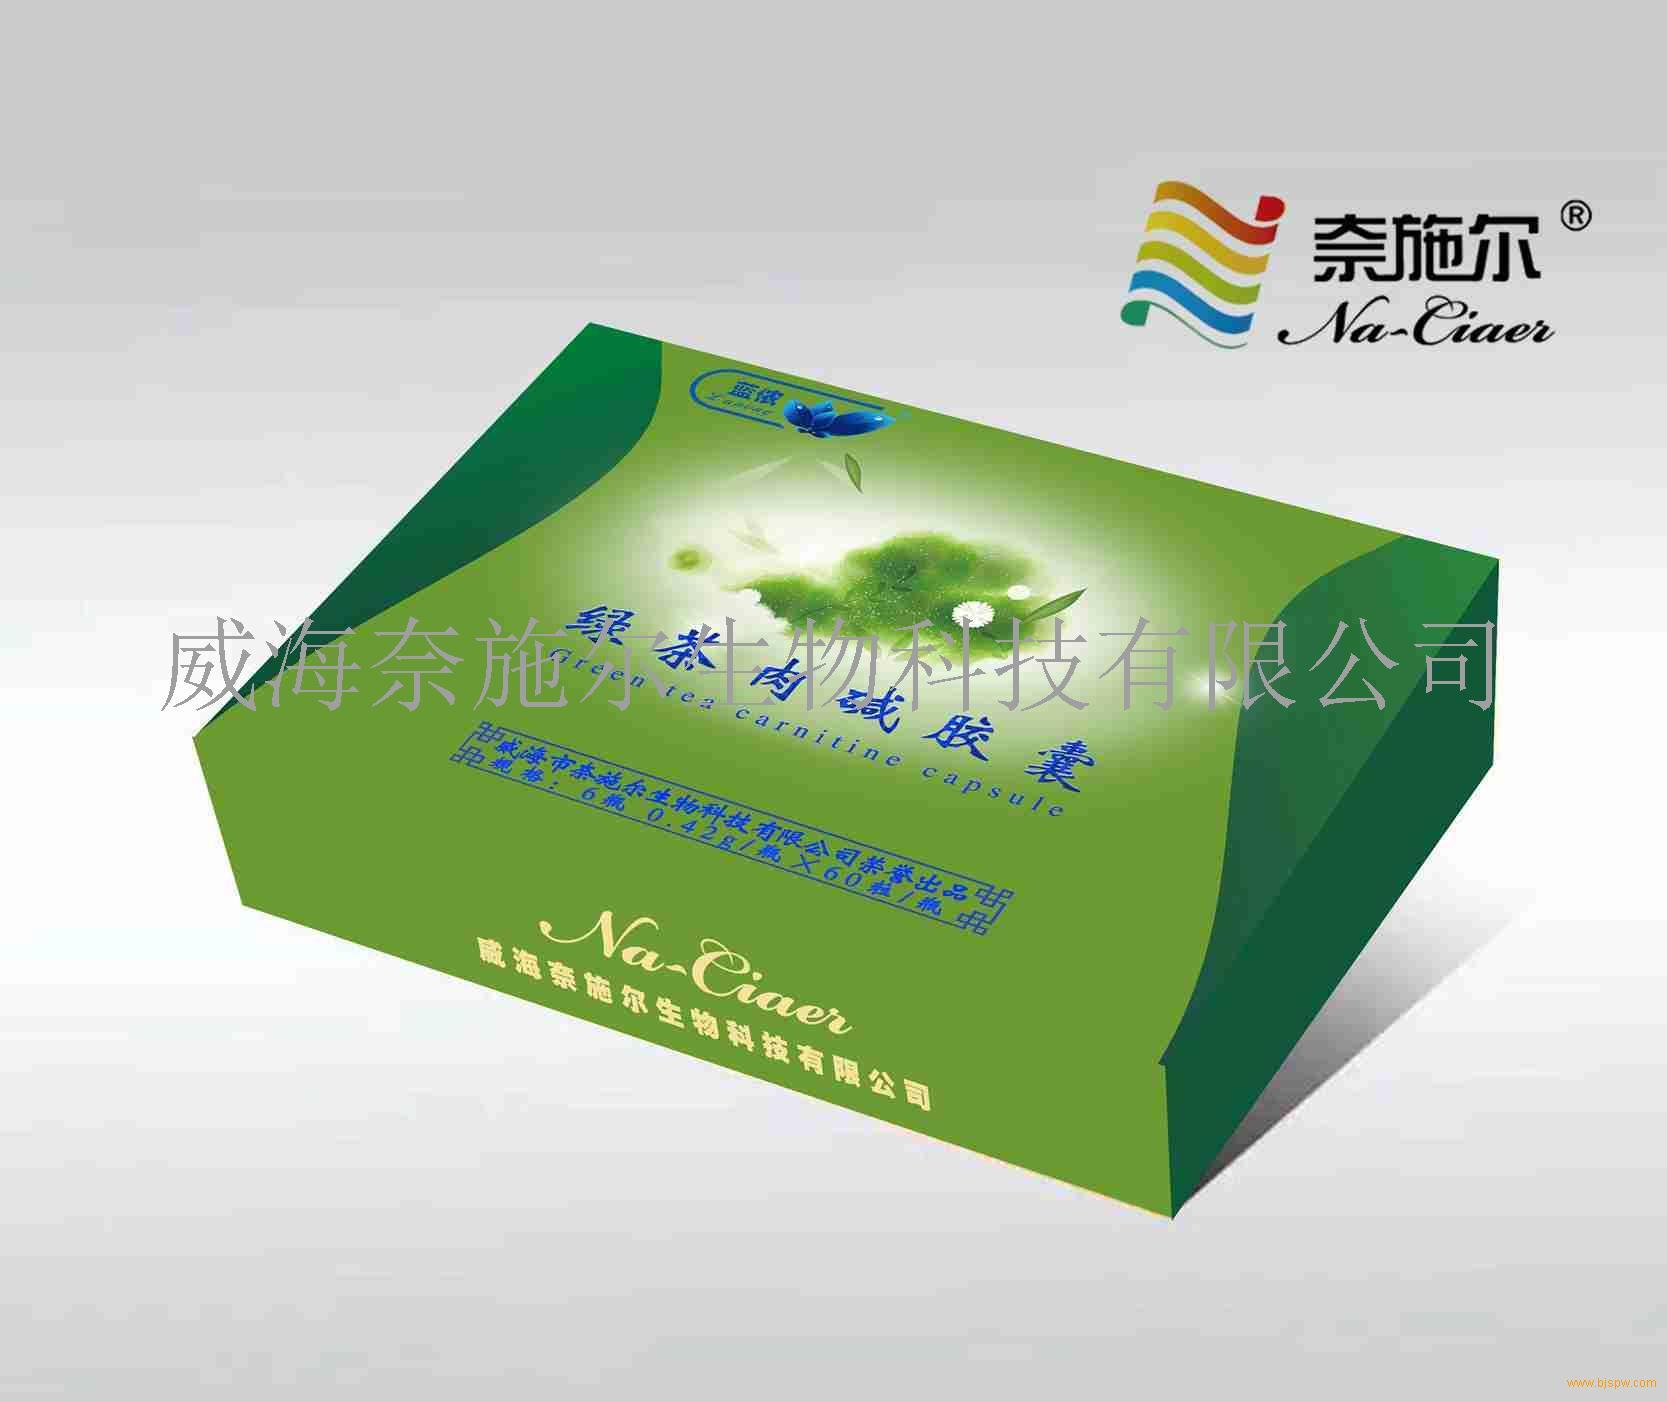 蓝侬绿茶肉碱礼盒